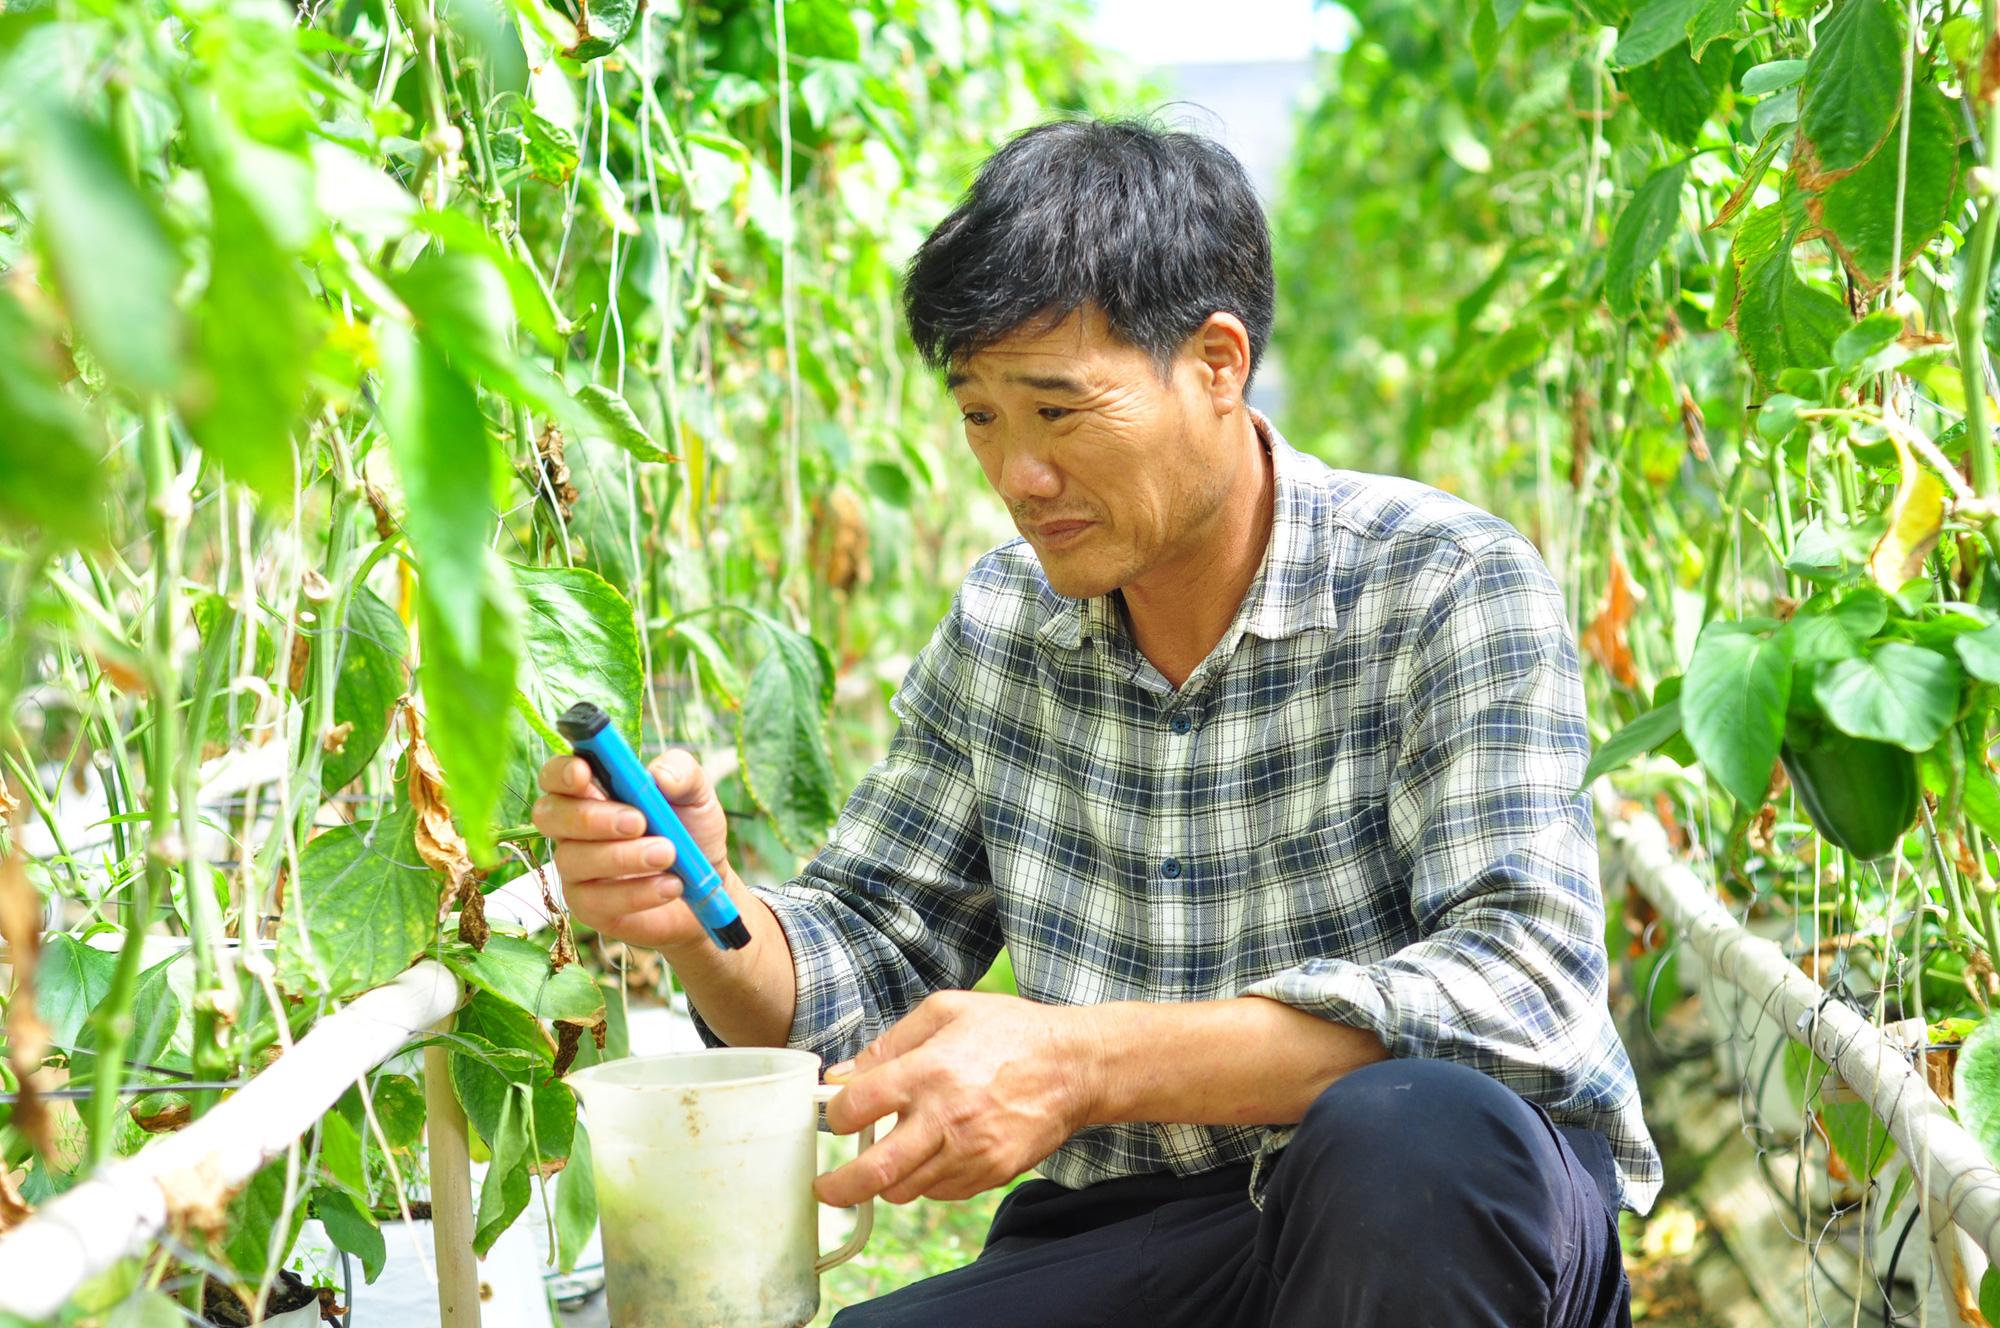 Hơn 15 năm phát triển NNCNC ở Lâm Đồng Bài 1: Người nông dân uống trà nhưng vẫn tưới được cây ngoài đồng - Ảnh 2.